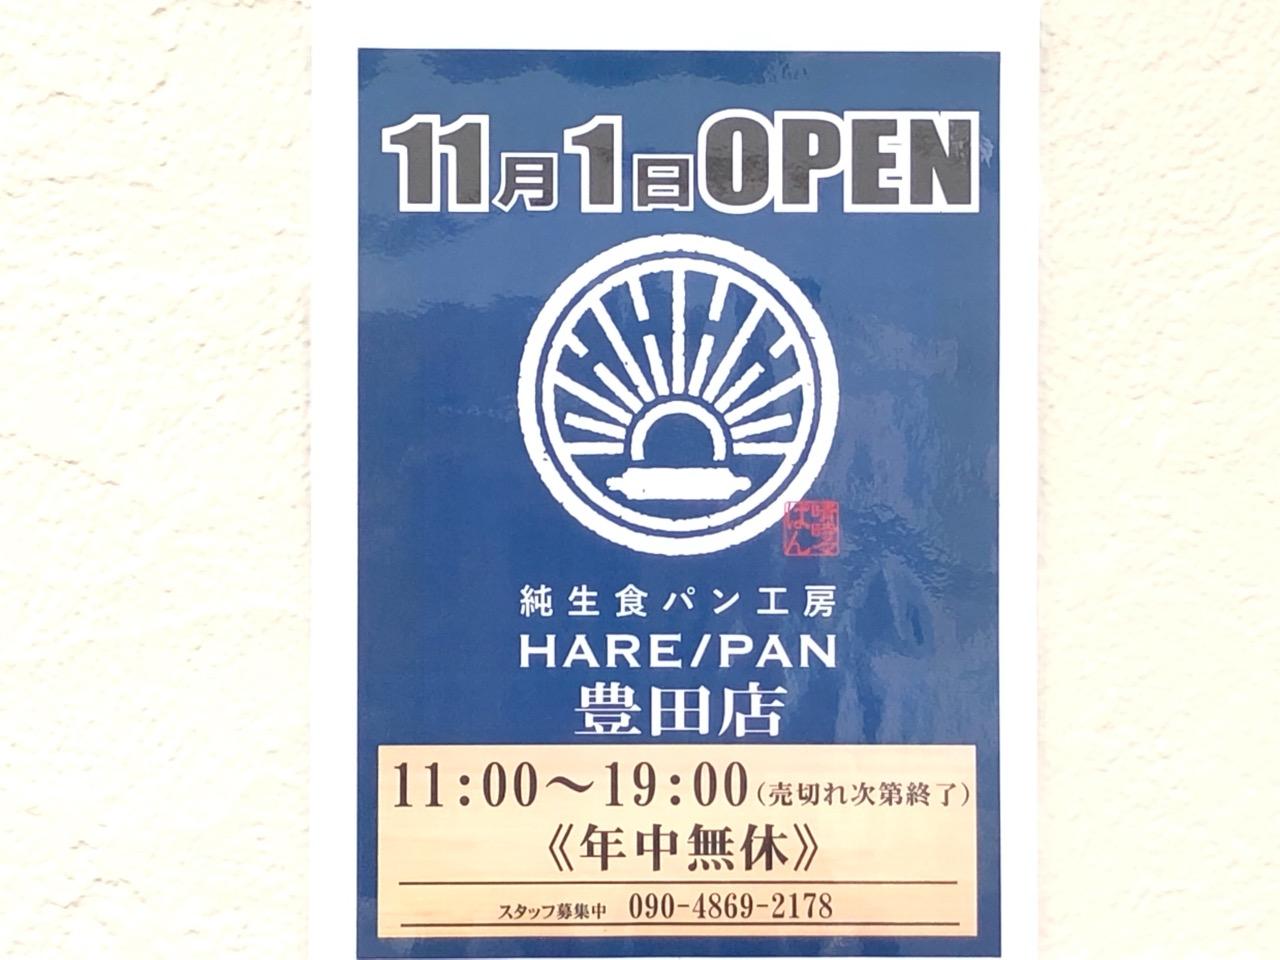 2019年11月1日オープン予定のHARE/PAN豊田店